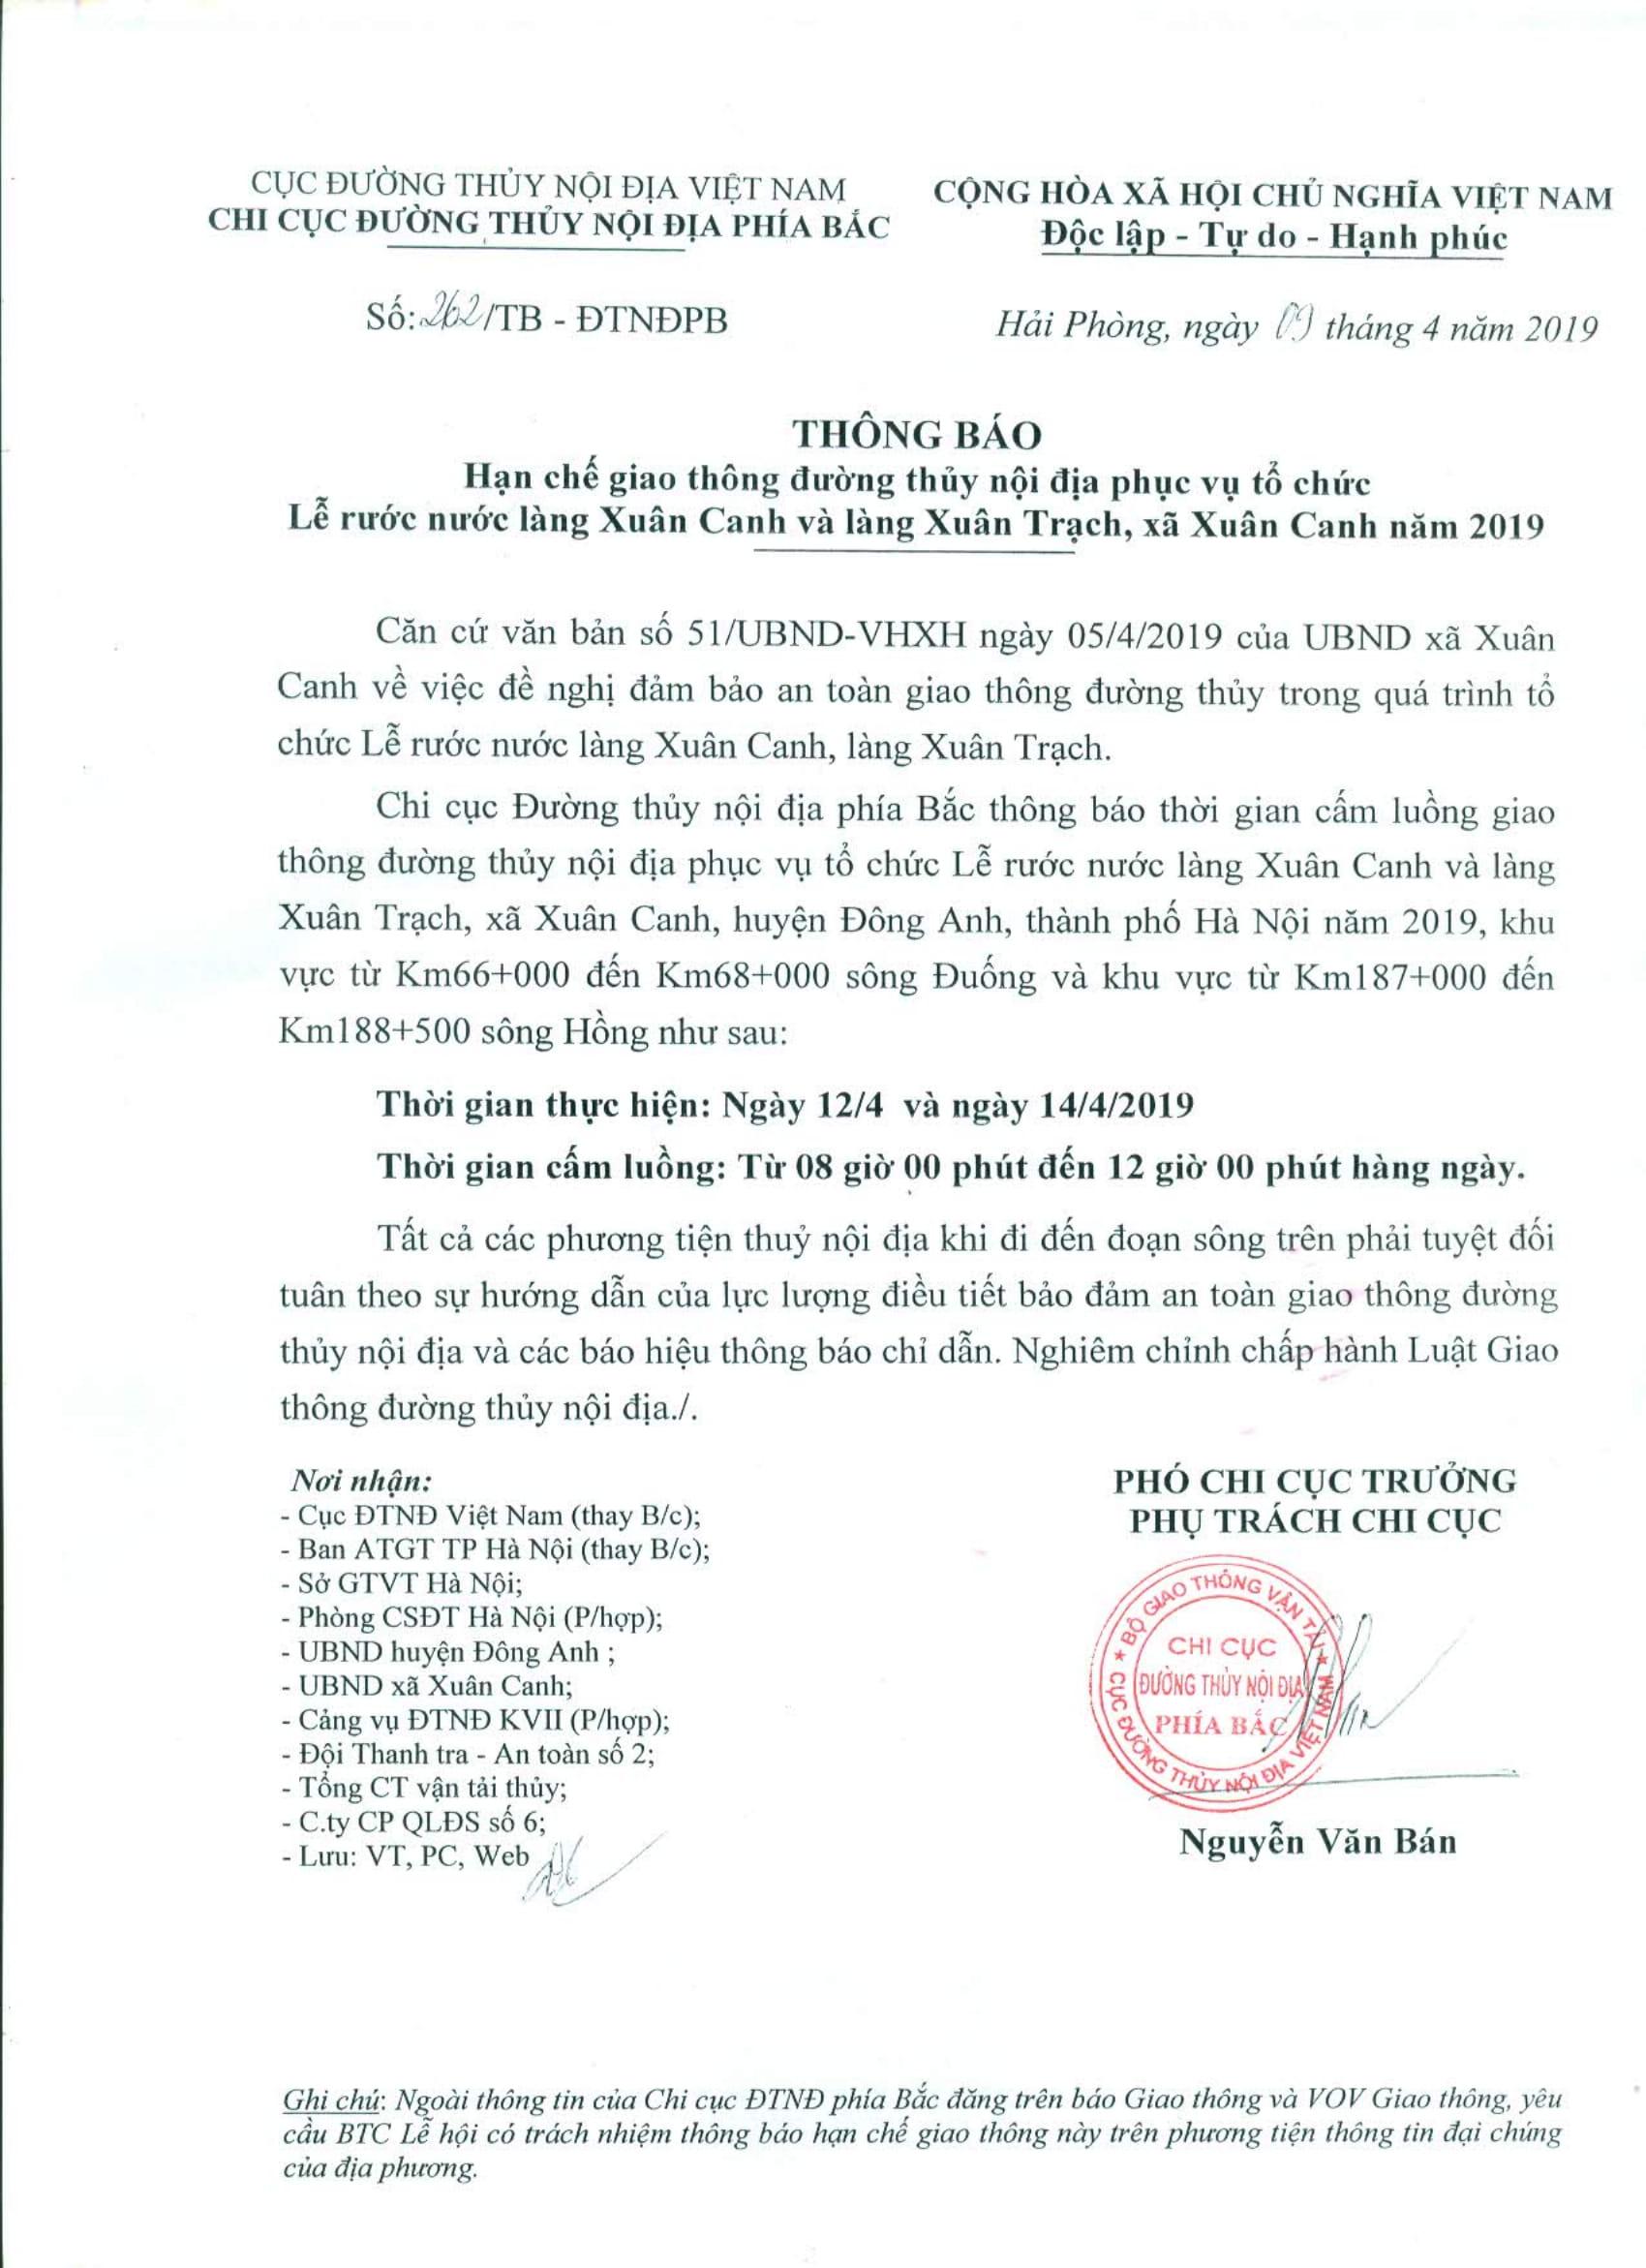 Thông báo HCGT ĐTNĐ phục vụ tổ chức Lễ rước nước làng Xuân Canh và làng Xuân Trạch, xã Xuân Canh năm 2019